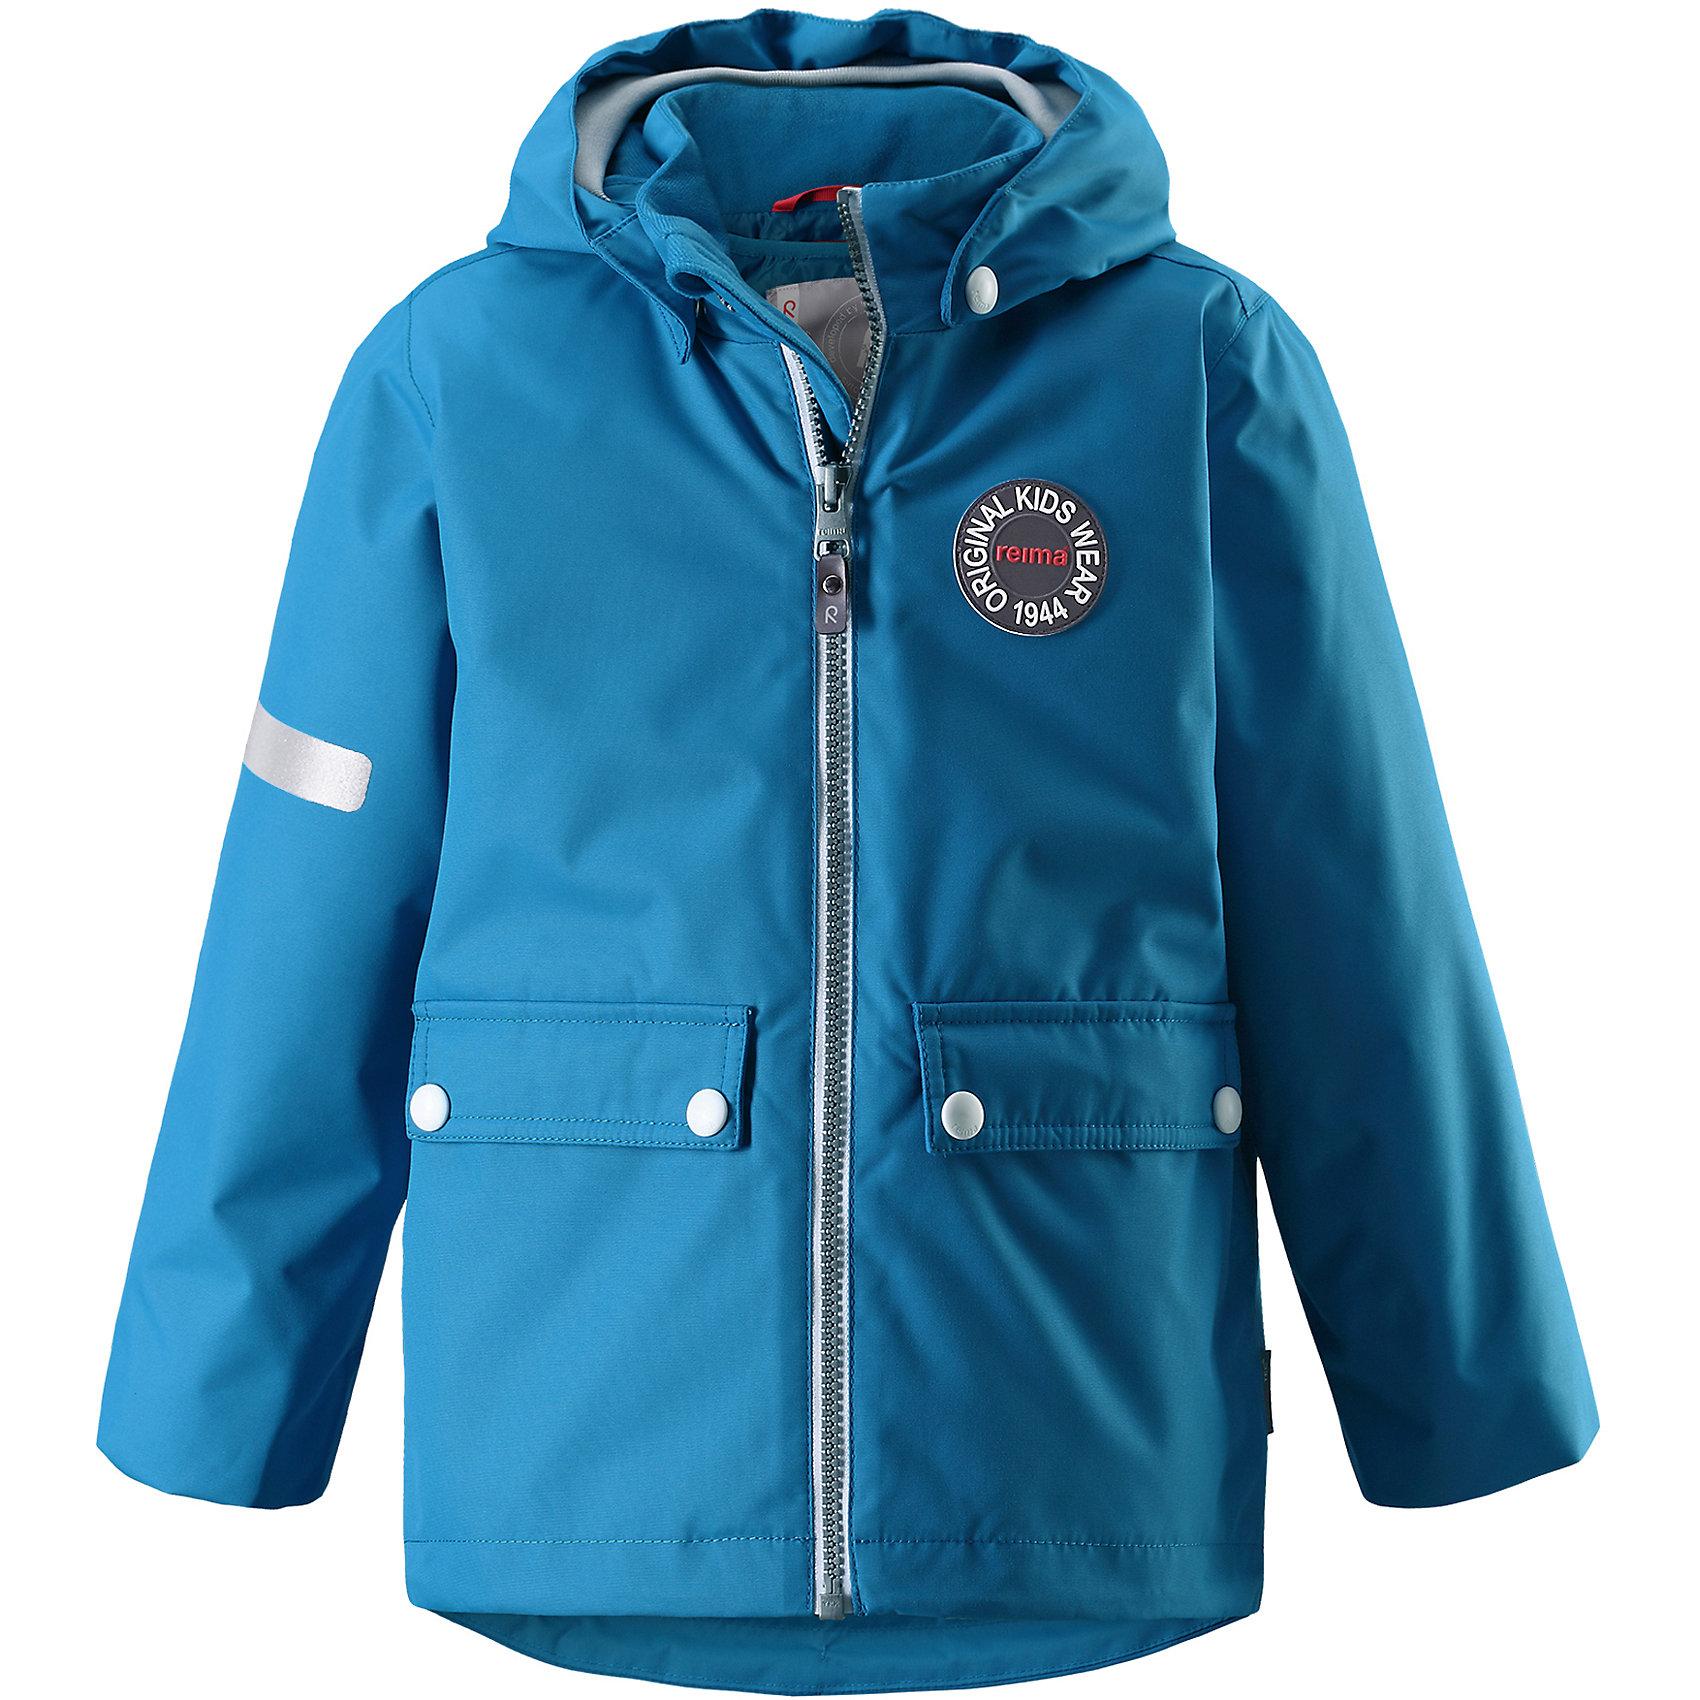 Куртка Taag Reimatec® ReimaВерхняя одежда<br>Характеристики товара:<br><br>• цвет: голубой;<br>• состав: 100% полиэстер;<br>• утеплитель: 140 г/м2;<br>• сезон: демисезон, зима;<br>• температурный режим: от +10 до -10С;<br>• водонепроницаемость: 10000 мм;<br>• воздухопроницаемость: 10000 мм;<br>• износостойкость: 30000 циклов (тест Мартиндейла);<br>• водо и ветронепроницаемый, дышащий и грязеотталкивающий материал;<br>• все швы проклеены и водонепроницаемы;<br>• безопасный съемный капюшон на кнопках;<br>• застежка: молния с защитой подбородка от защемления;<br>• съемная стеганая подкладка;<br>• мягкая резинка на кромке капюшона и манжетах;<br>• регулируемый подол;<br>• два накладных кармана на кнопках;<br>• логотип Reima® спереди;<br>• светоотражающие элементы;<br>• страна бренда: Финляндия;<br>• страна производства: Китай.<br><br>Демисезонная куртка с капюшоном, в ней дождь не страшен – все основные швы проклеены, водонепроницаемы. Куртка на молнии со съемной стеганой подкладкой – незаменимая вещь для осенней поры а когда похолодает, просто подденьте теплый промежуточный слой и куртка превратиться в отличный зимний вариант. <br><br>Подол в этой куртке прямого покроя легко регулируется, что позволяет подогнать ее идеально по фигуре. Большие карманы с клапанами и светоотражающие детали, вместе с мягкой резинкой на манжетах и по краю капюшона они придают образу изюминку.<br><br>Куртка Taag Reimatec® Reima (Рейма) можно купить в нашем интернет-магазине.<br><br>Ширина мм: 356<br>Глубина мм: 10<br>Высота мм: 245<br>Вес г: 519<br>Цвет: синий<br>Возраст от месяцев: 108<br>Возраст до месяцев: 120<br>Пол: Унисекс<br>Возраст: Детский<br>Размер: 104,110,116,122,128,134,140<br>SKU: 6907744